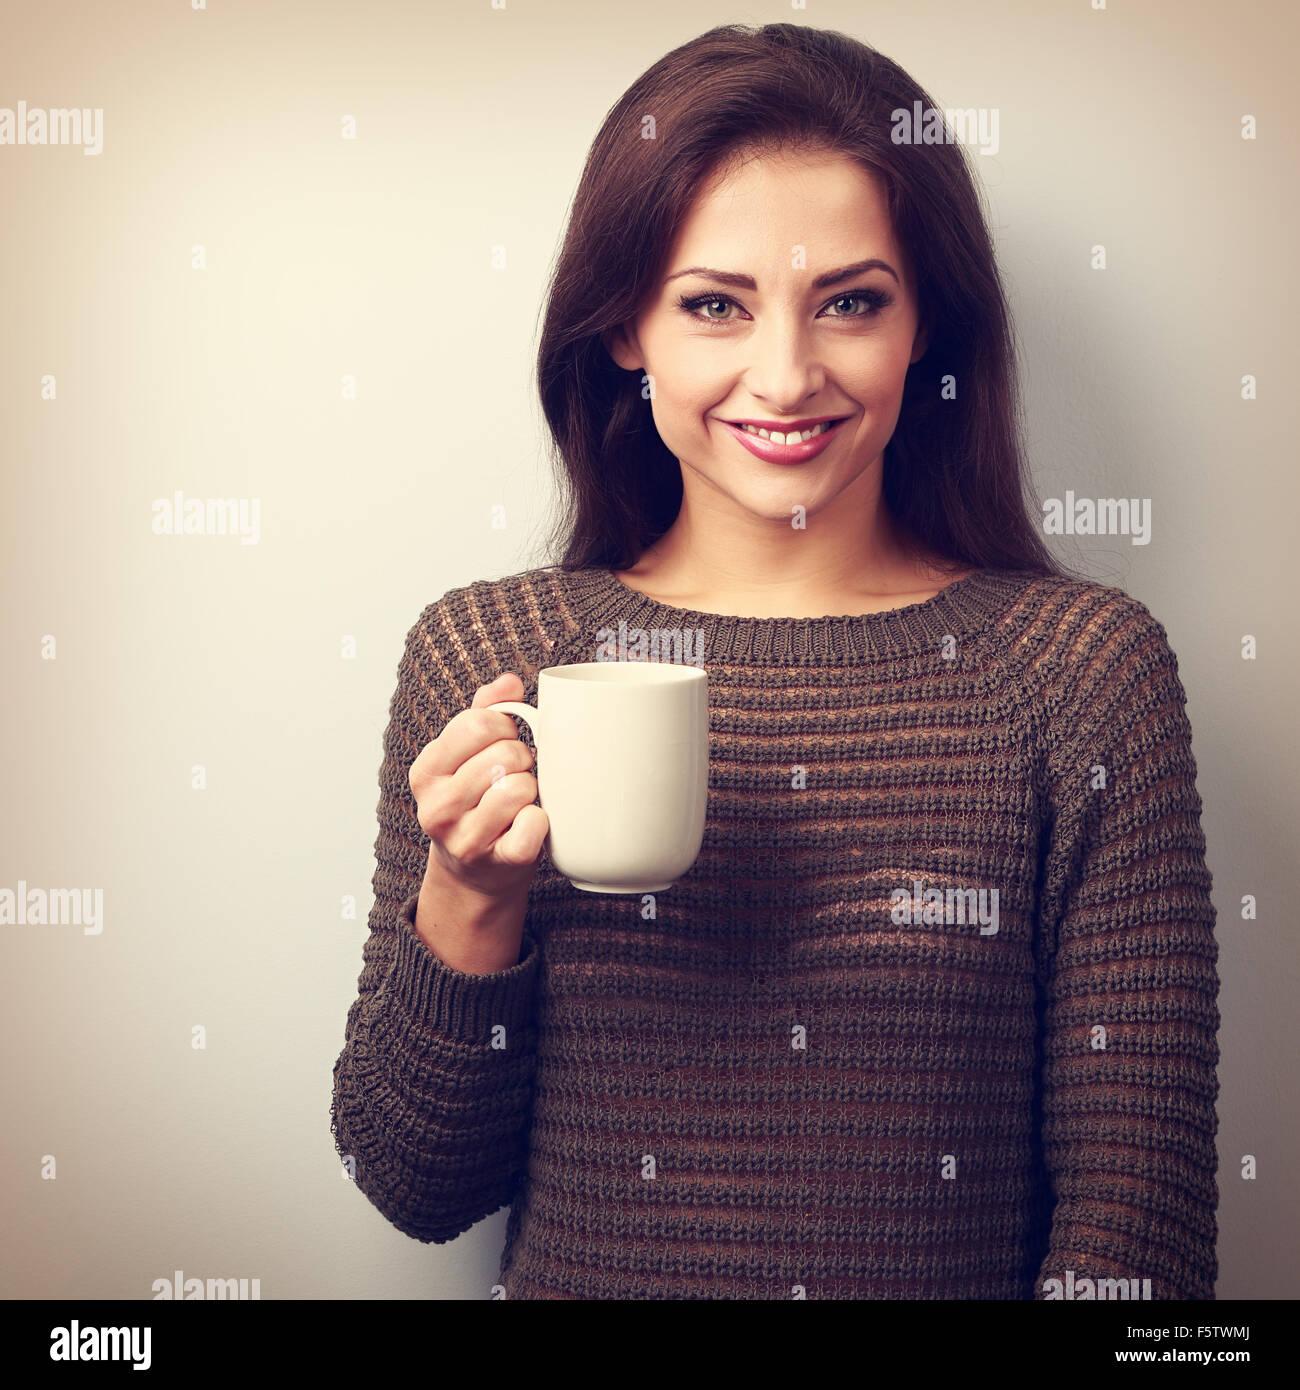 Sorridente casual donna giovane con tazza di tè cercando felice. Ritratto vintage Immagini Stock